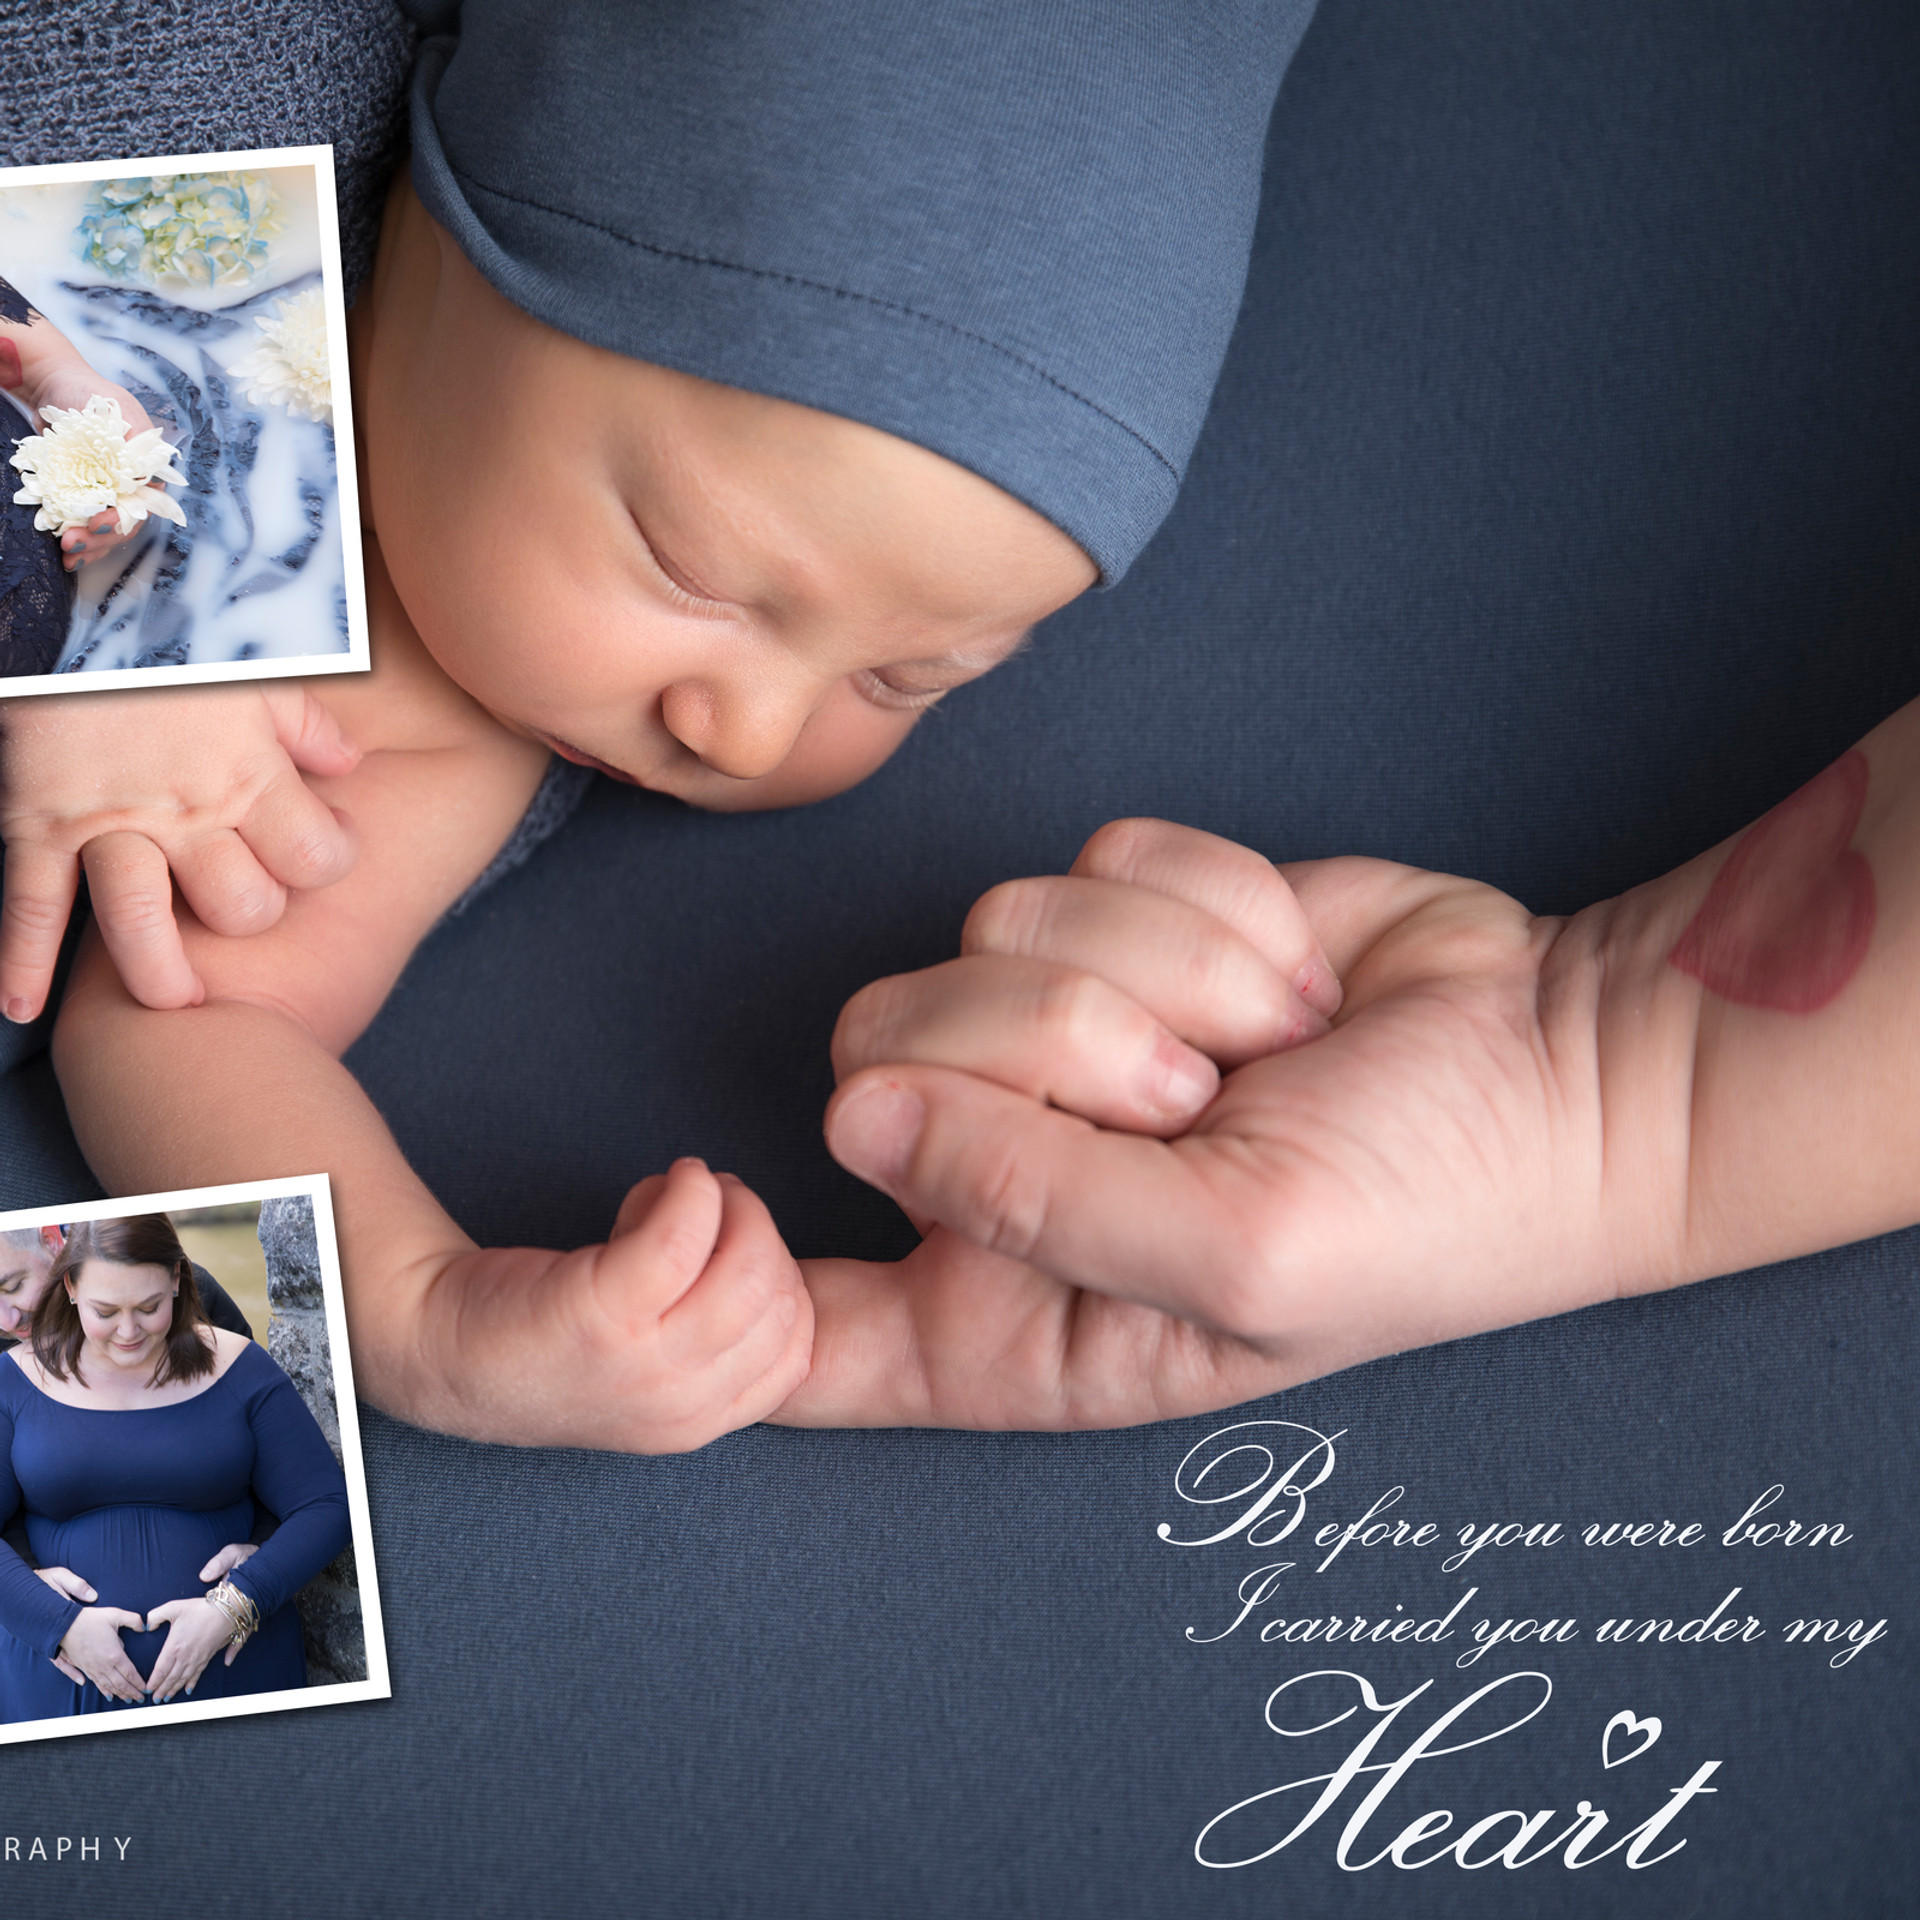 Valentines Collage-16x20 1.jpg